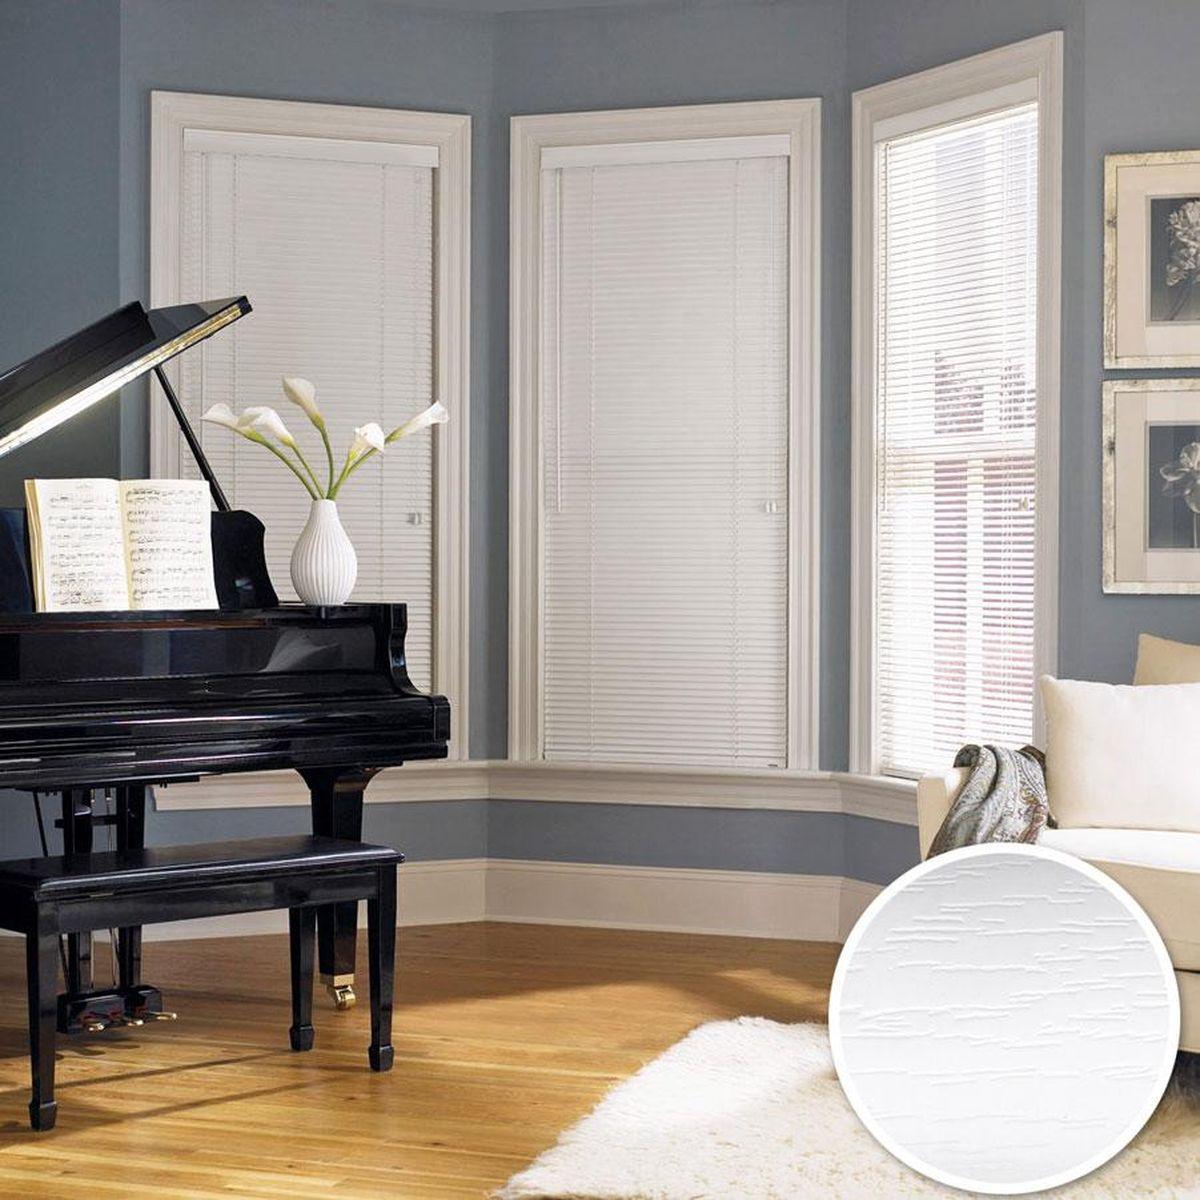 Жалюзи Эскар, цвет: белый, ширина 160 см, высота 160 см61008160160Для того чтобы придать интерьеру изюминку и завершенность, нет ничего лучше, чем использовать жалюзи на окнах квартиры, дома или офиса. С их помощью можно подчеркнуть индивидуальный вкус, а также стилевое оформление помещения. Помимо декоративных функций, жалюзи выполняют и практические задачи: они защищают от излишнего солнечного света, не дают помещению нагреваться, а также создают уют в темное время суток.Пластиковые жалюзи - самое универсальное и недорогое решение для любого помещения. Купить их может каждый, а широкий выбор размеров под самые популярные габариты сделает покупку простой и удобной. Пластиковые жалюзи имеют высокие эксплуатационные характеристики - они гигиеничны, что делает их незаменимыми при монтаже в детских и медицинских учреждениях.